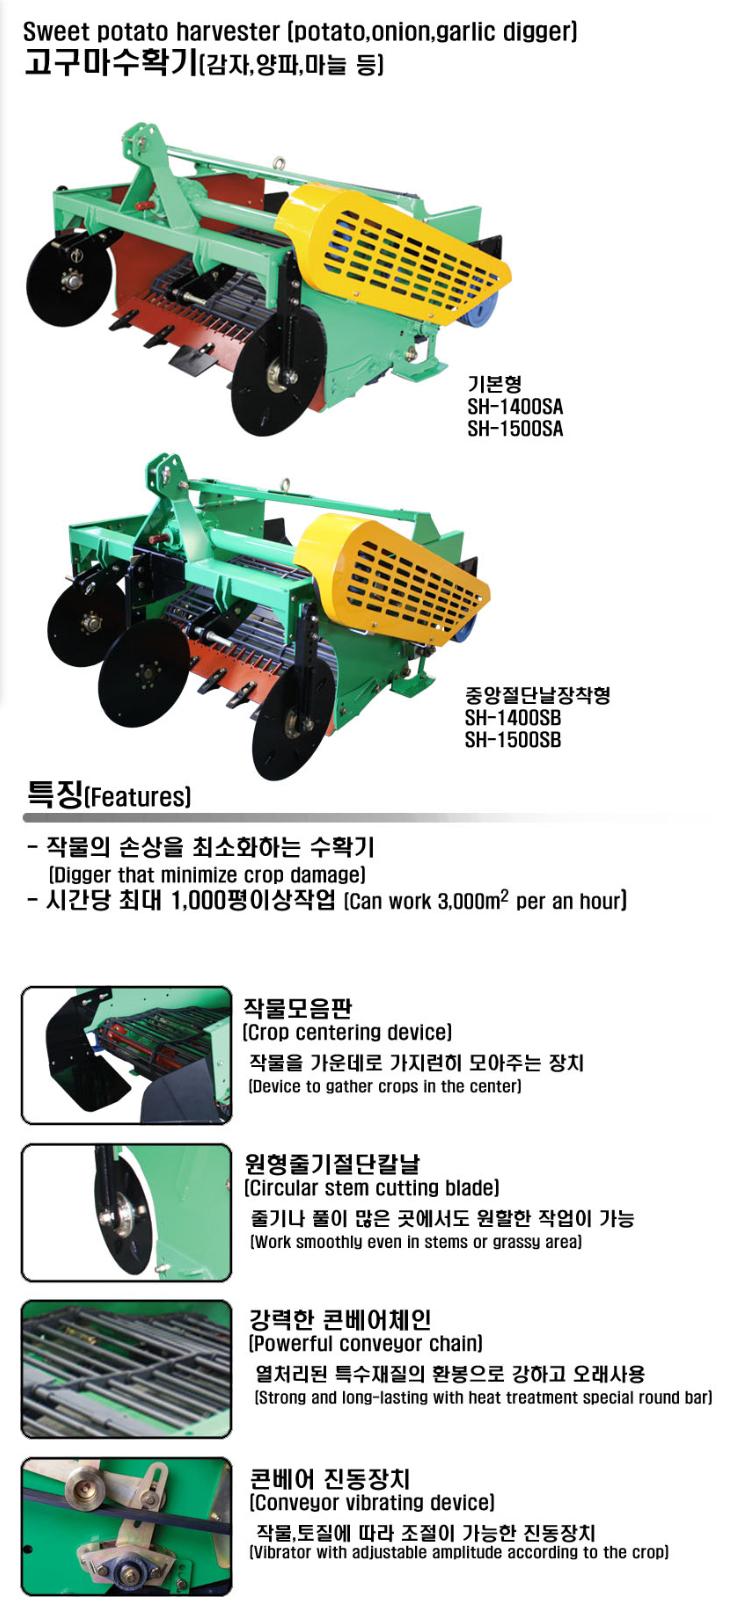 SHIN HUNG INDUSTRY Harvester for Sweet Potato SH-SA/SB-Series